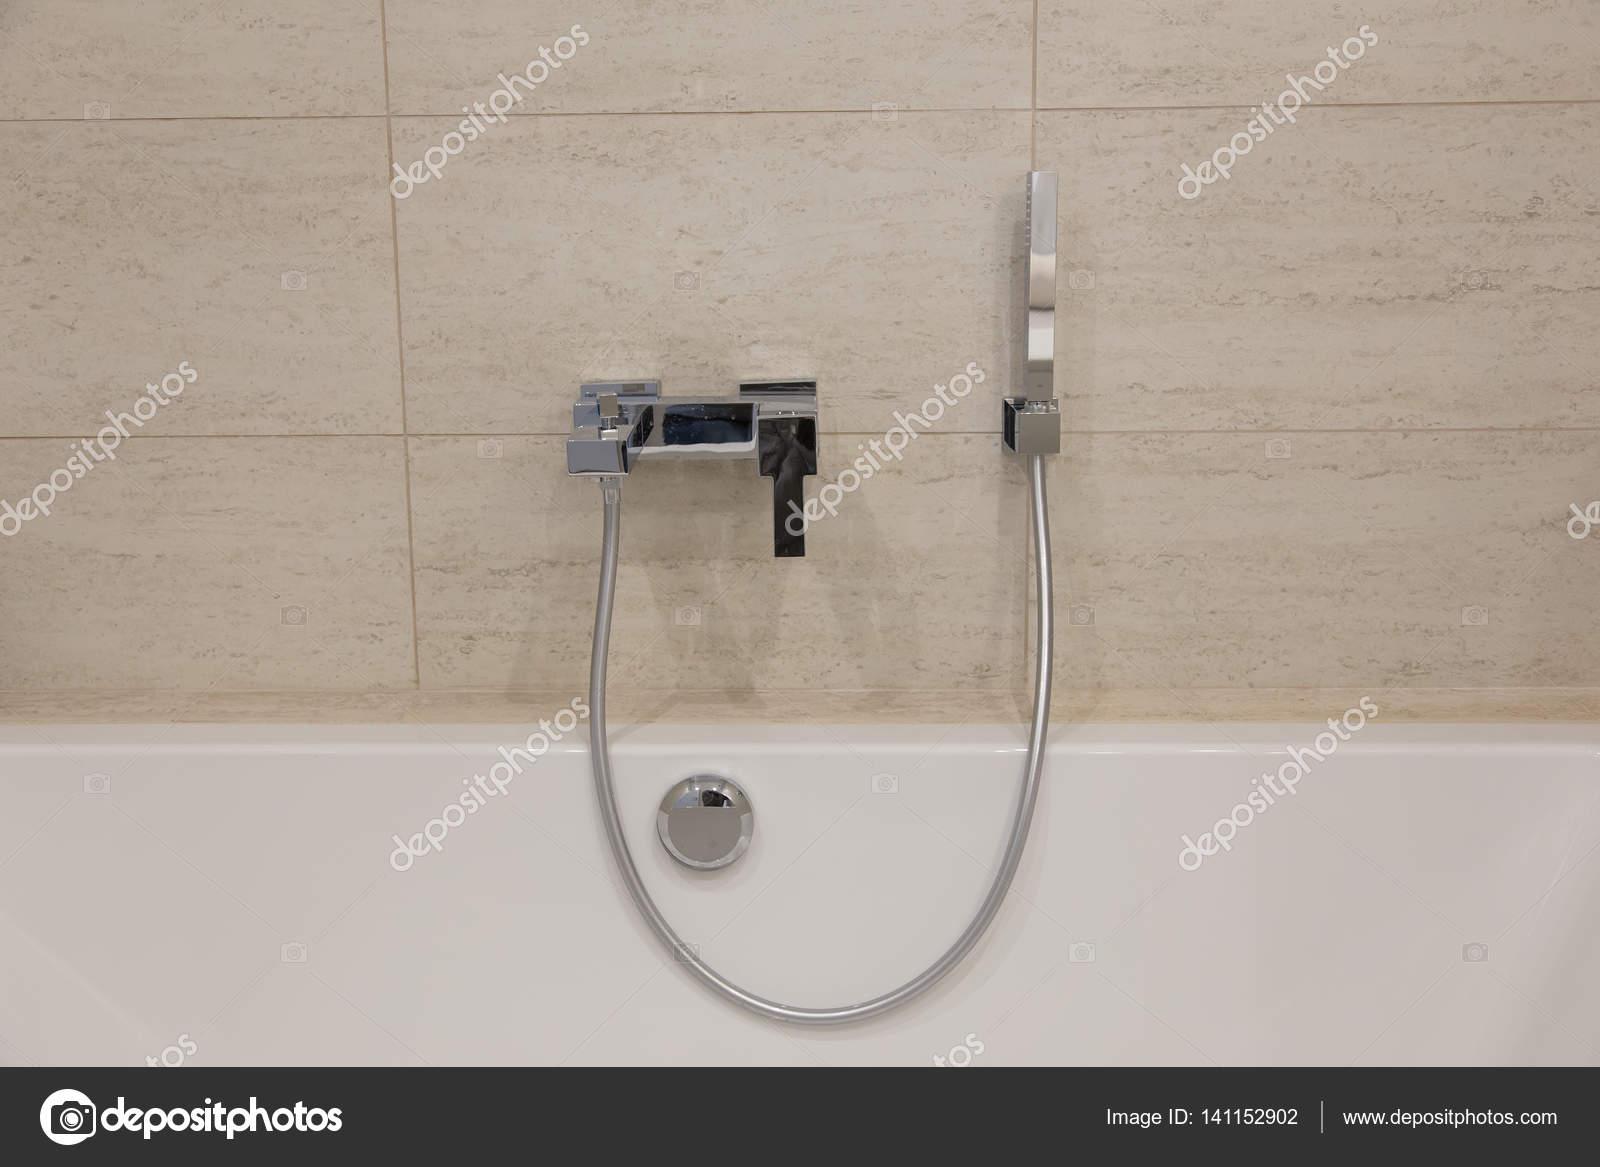 Bagno interno. miscelatore per doccia u2014 foto stock © endewer1.mail